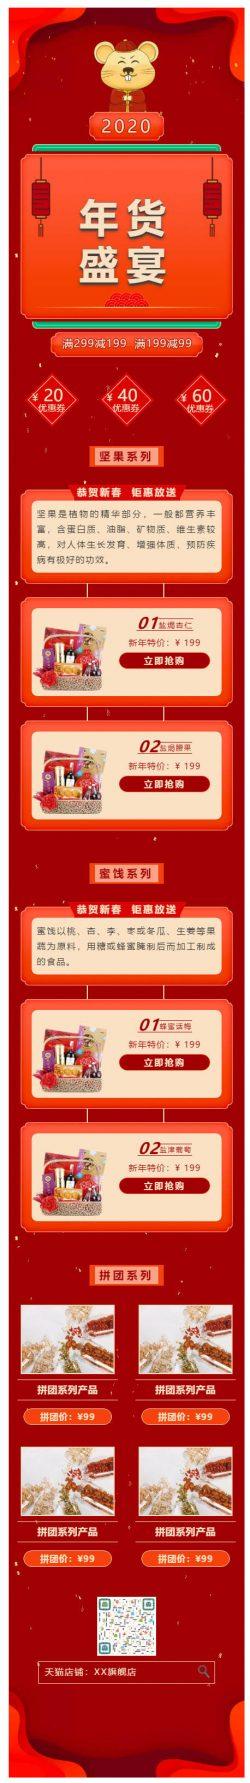 年货节商品满减活动优惠券公众号推送图文模板春节新年素材微信模板动态背景红色